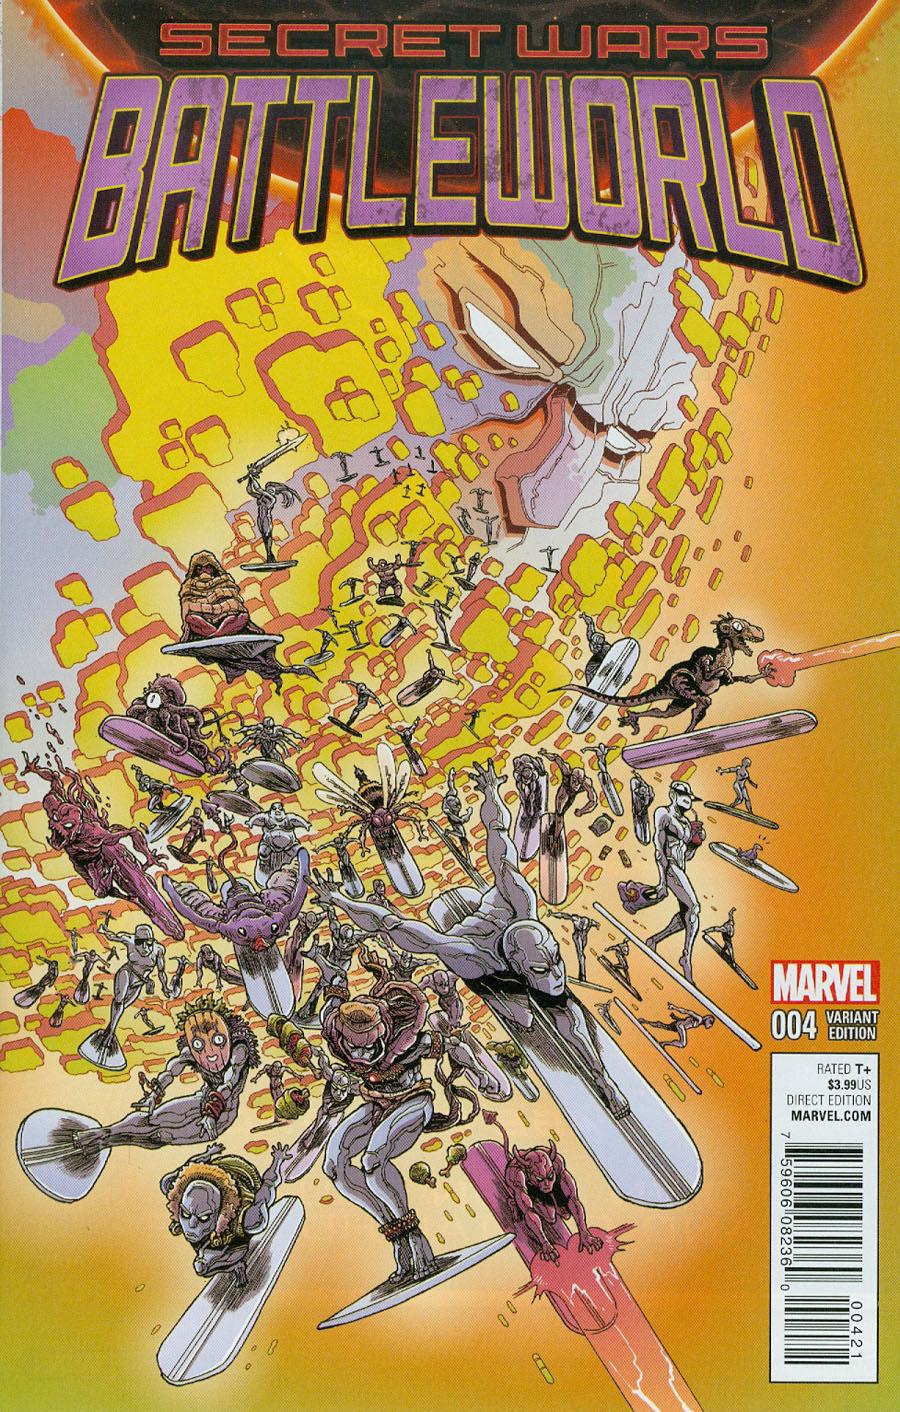 Secret Wars Battleworld #4 Cover B Incentive James Stokoe Variant Cover (Secret Wars Battleworld Tie-In)